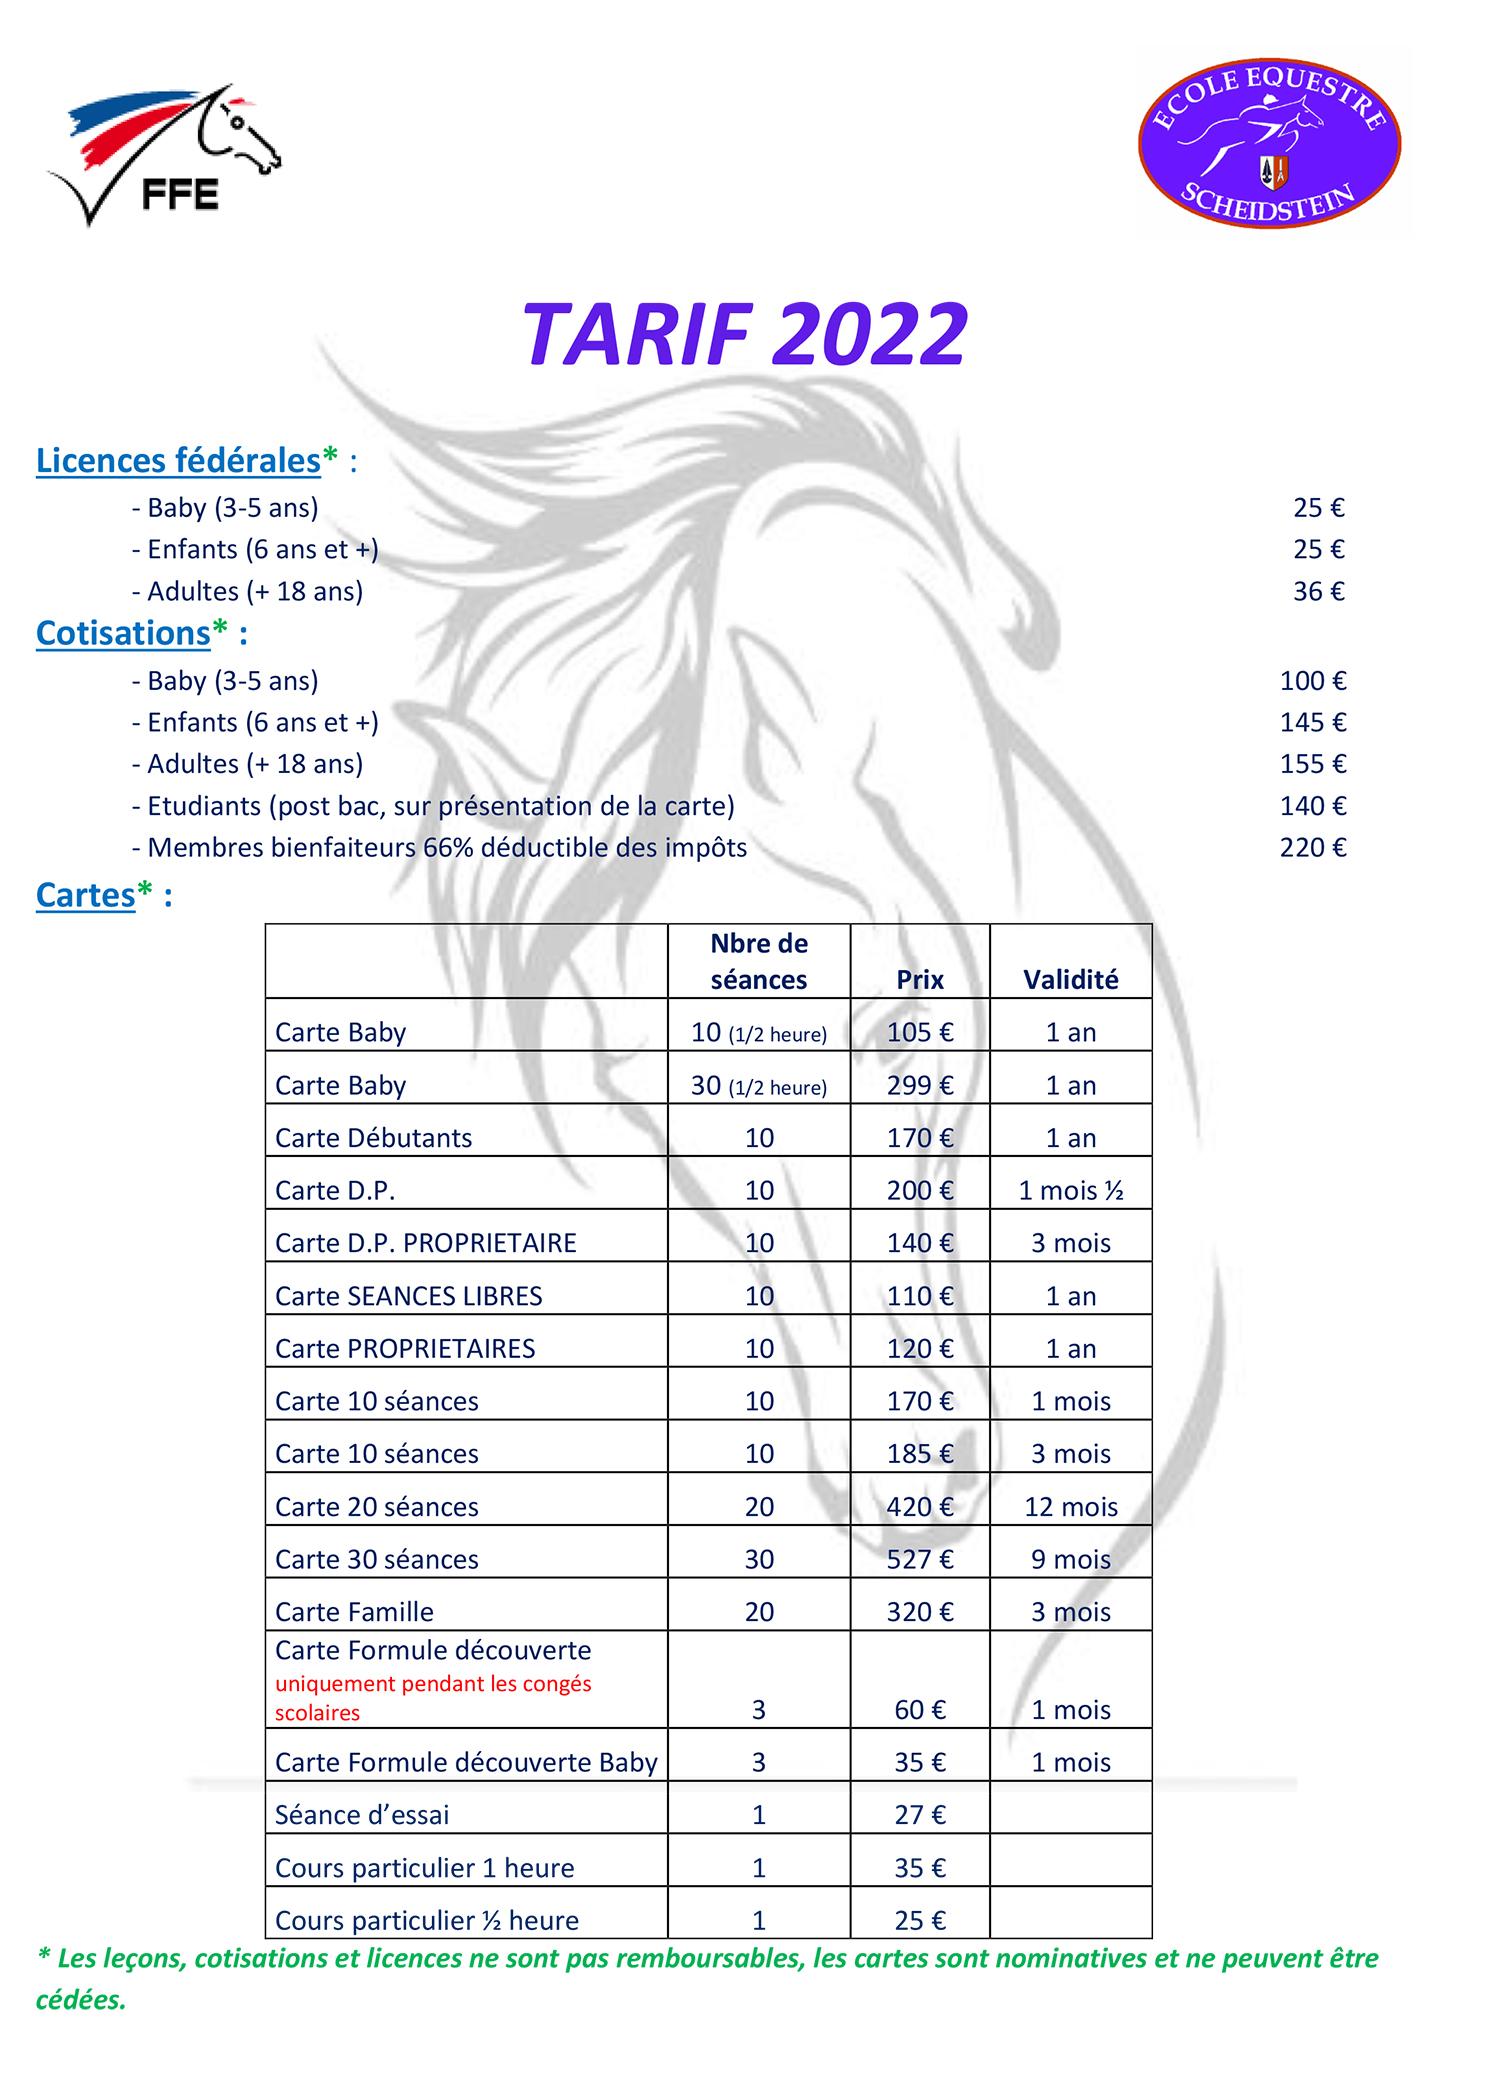 tarifs 2021 2022 1 école équestre scheidstein STRASBOURG ILLKIRCH ESCHAU PLOBSHEIM